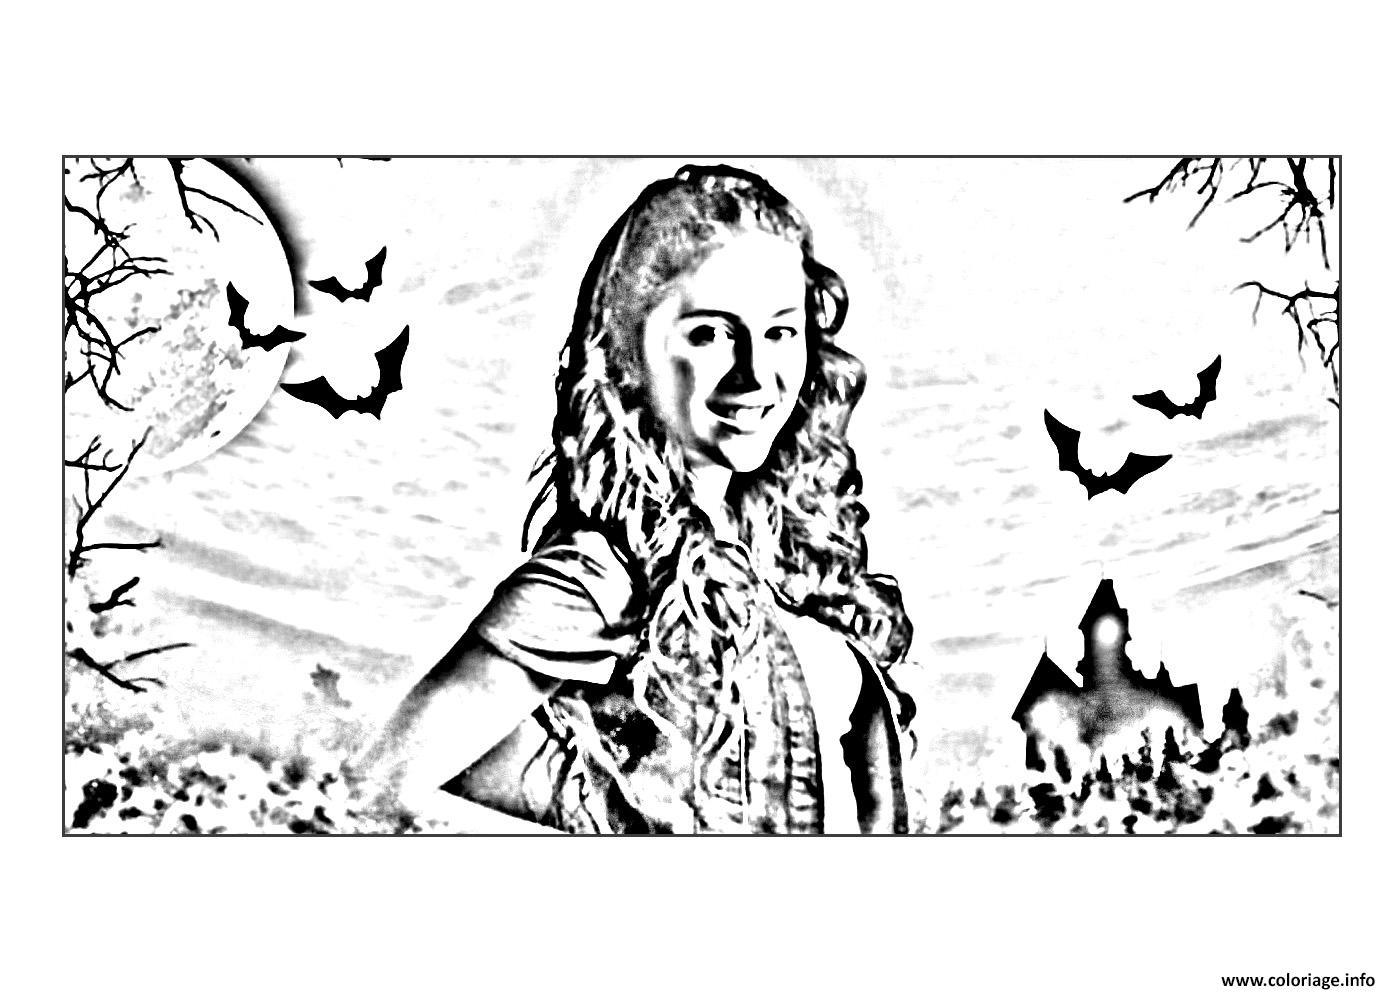 Coloriage chica vampiro daisy devant son chateau dessin - Coloriage chica vampiro ...